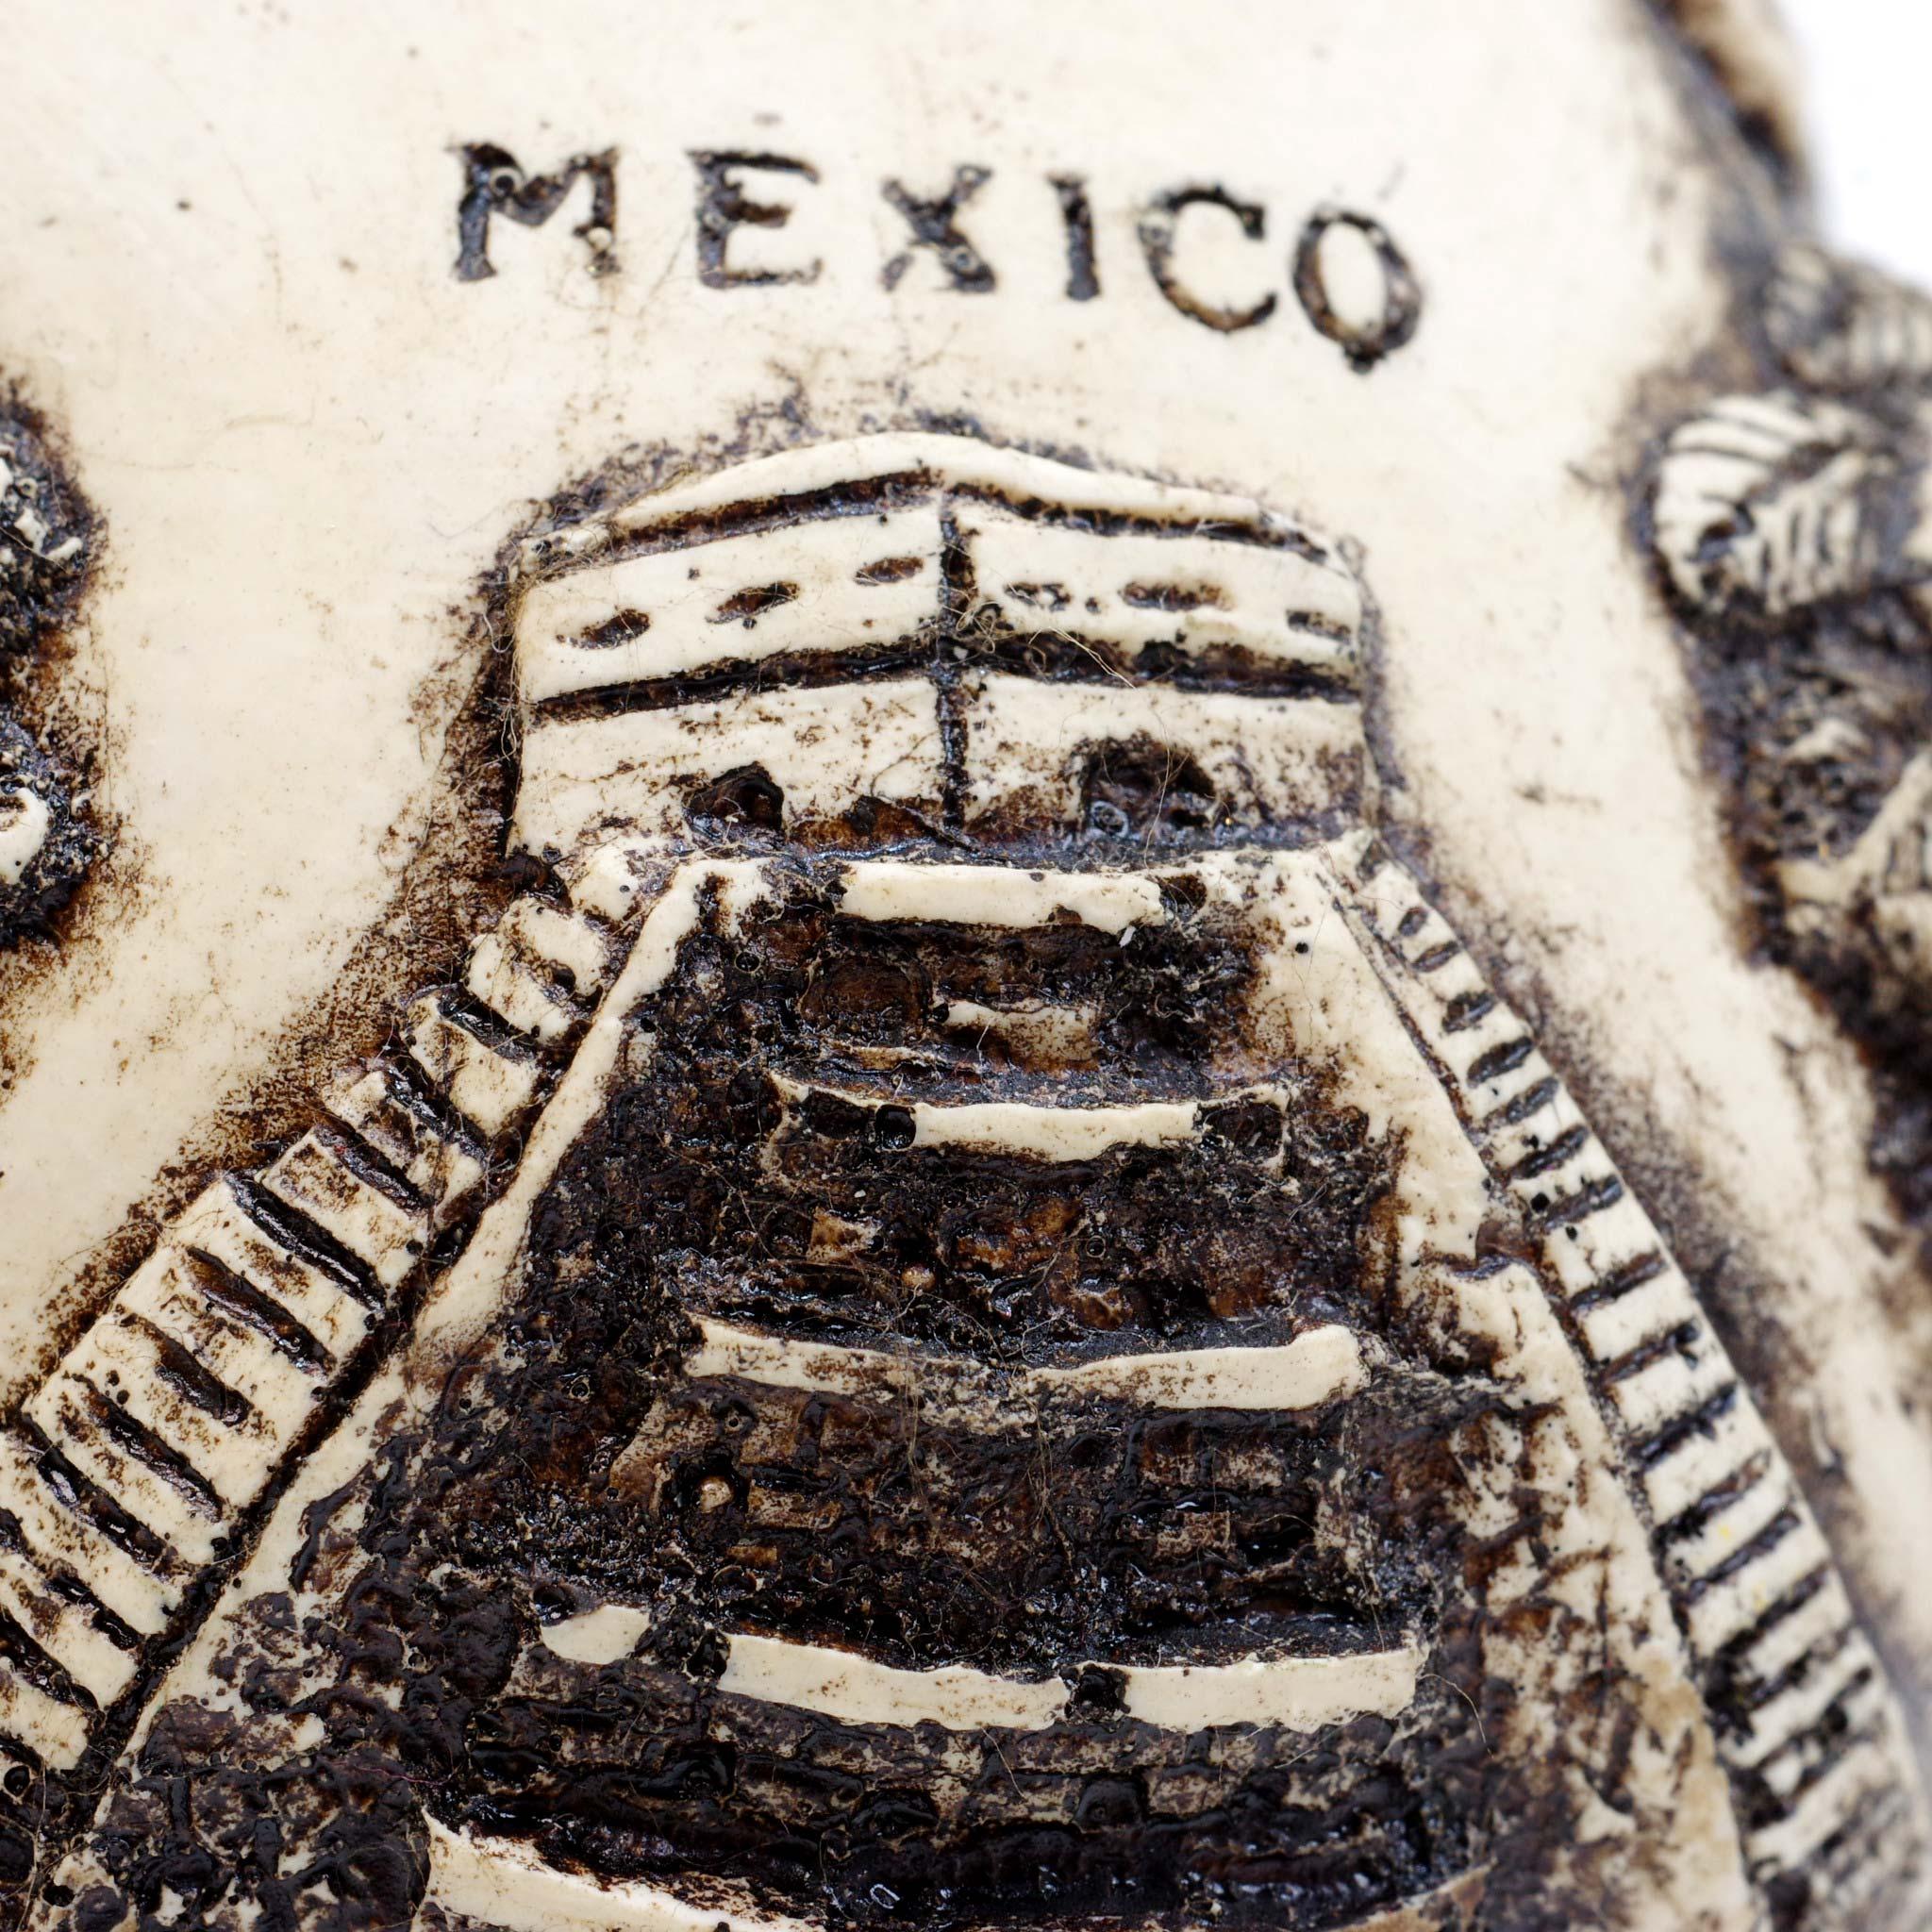 """""""アステカスカルヘッド,アステカ,マヤ,ガイコツ,骸骨,カラベラ,スカル,ドクロ,髑髏,死者の日,置物,オブジェ,飾り,メキシコ,インテリア雑貨,メキシコ雑貨,メキシコ雑貨PAD"""""""